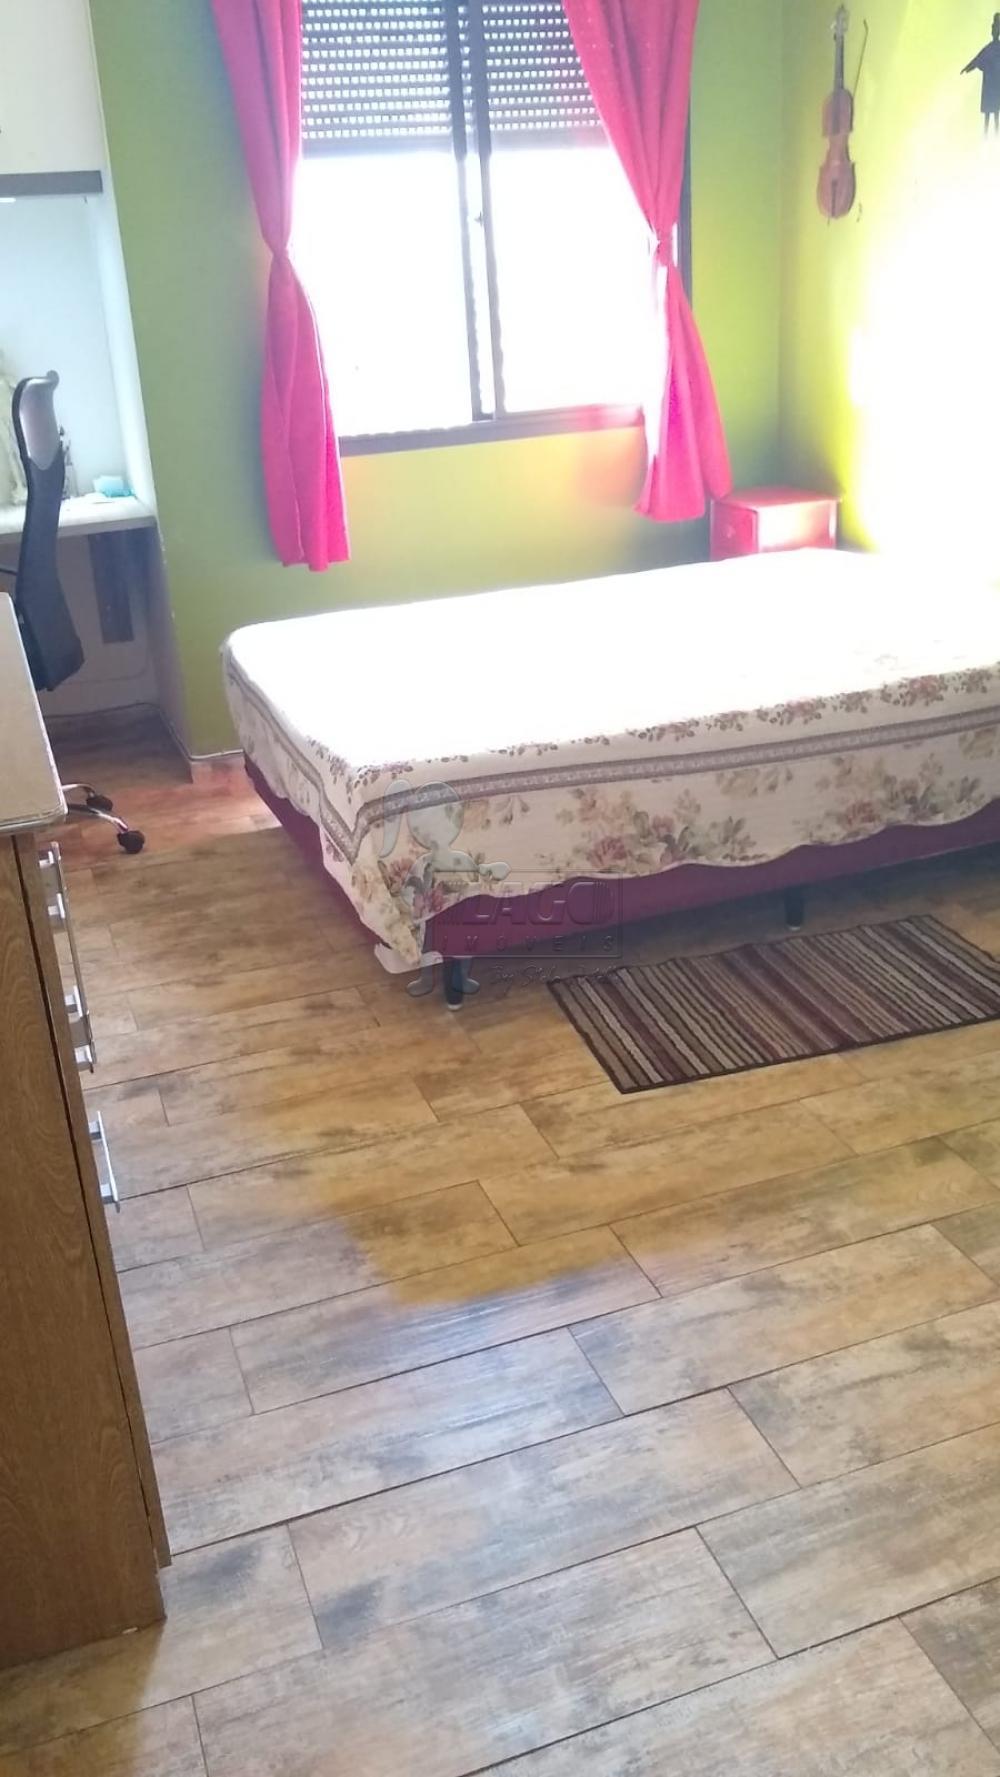 Comprar Apartamento / Padrão em Ribeirão Preto apenas R$ 470.000,00 - Foto 19